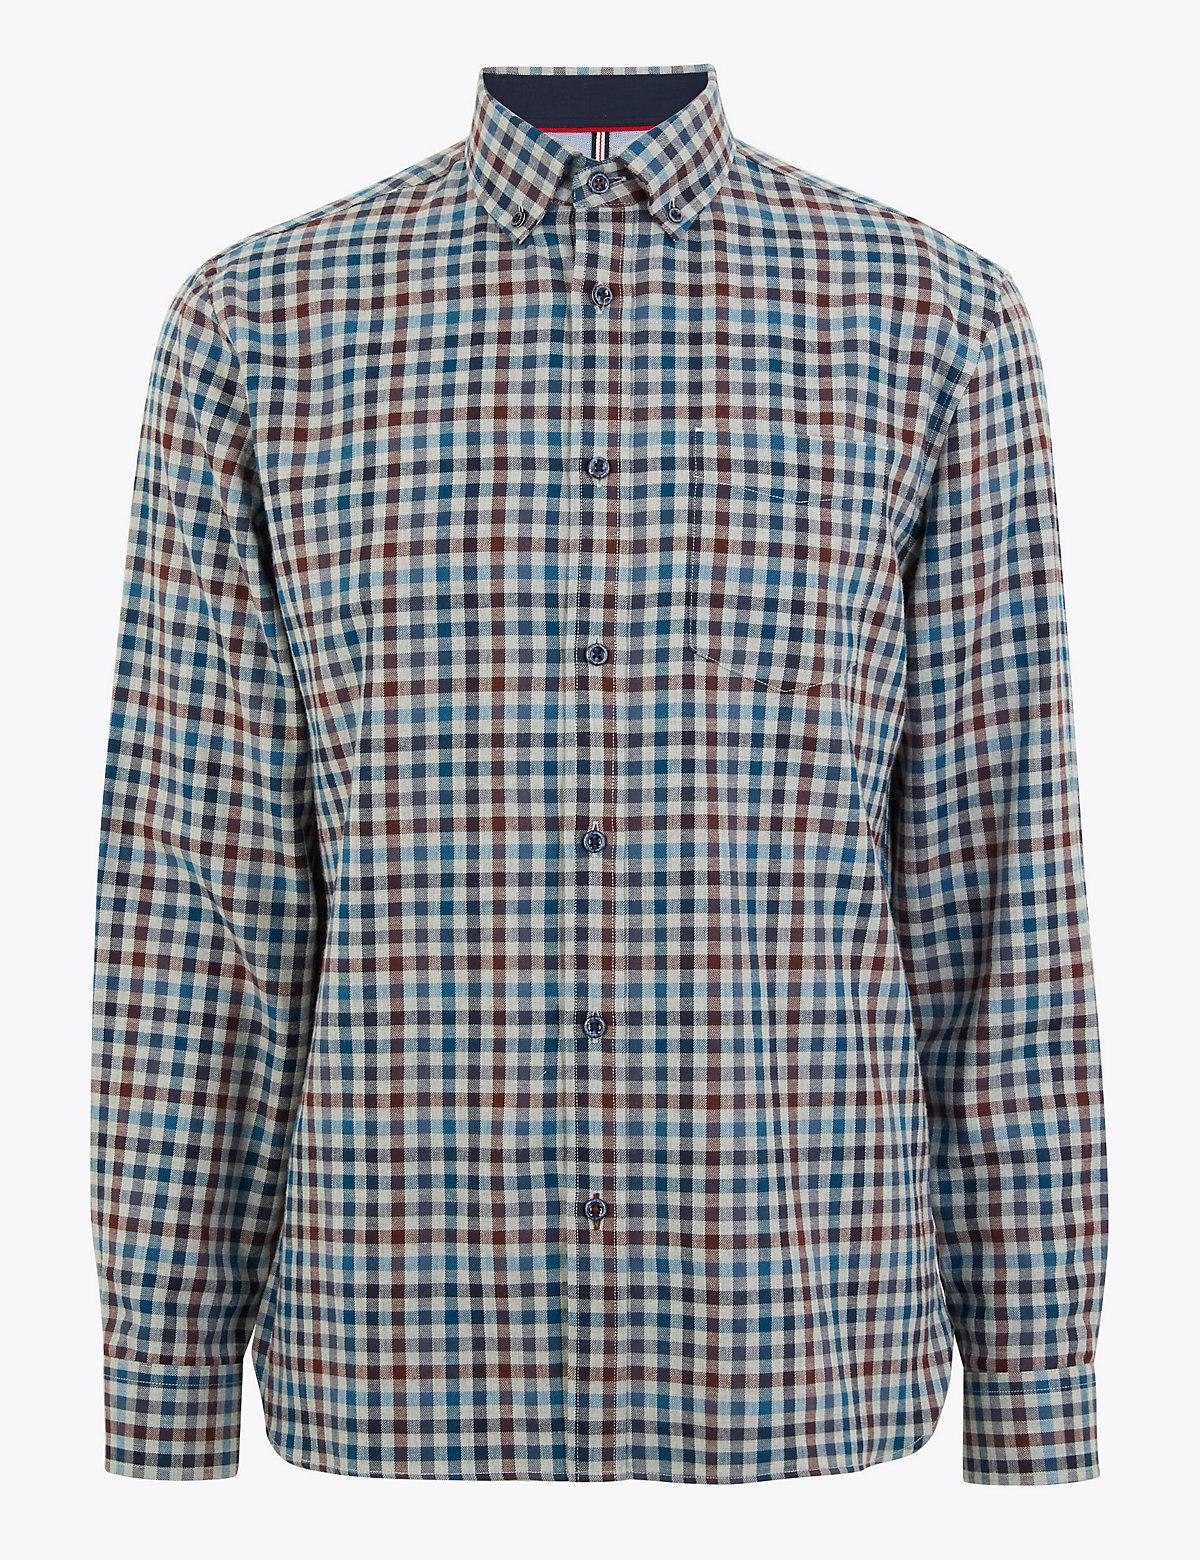 Мужская рубашка в стильную клетку